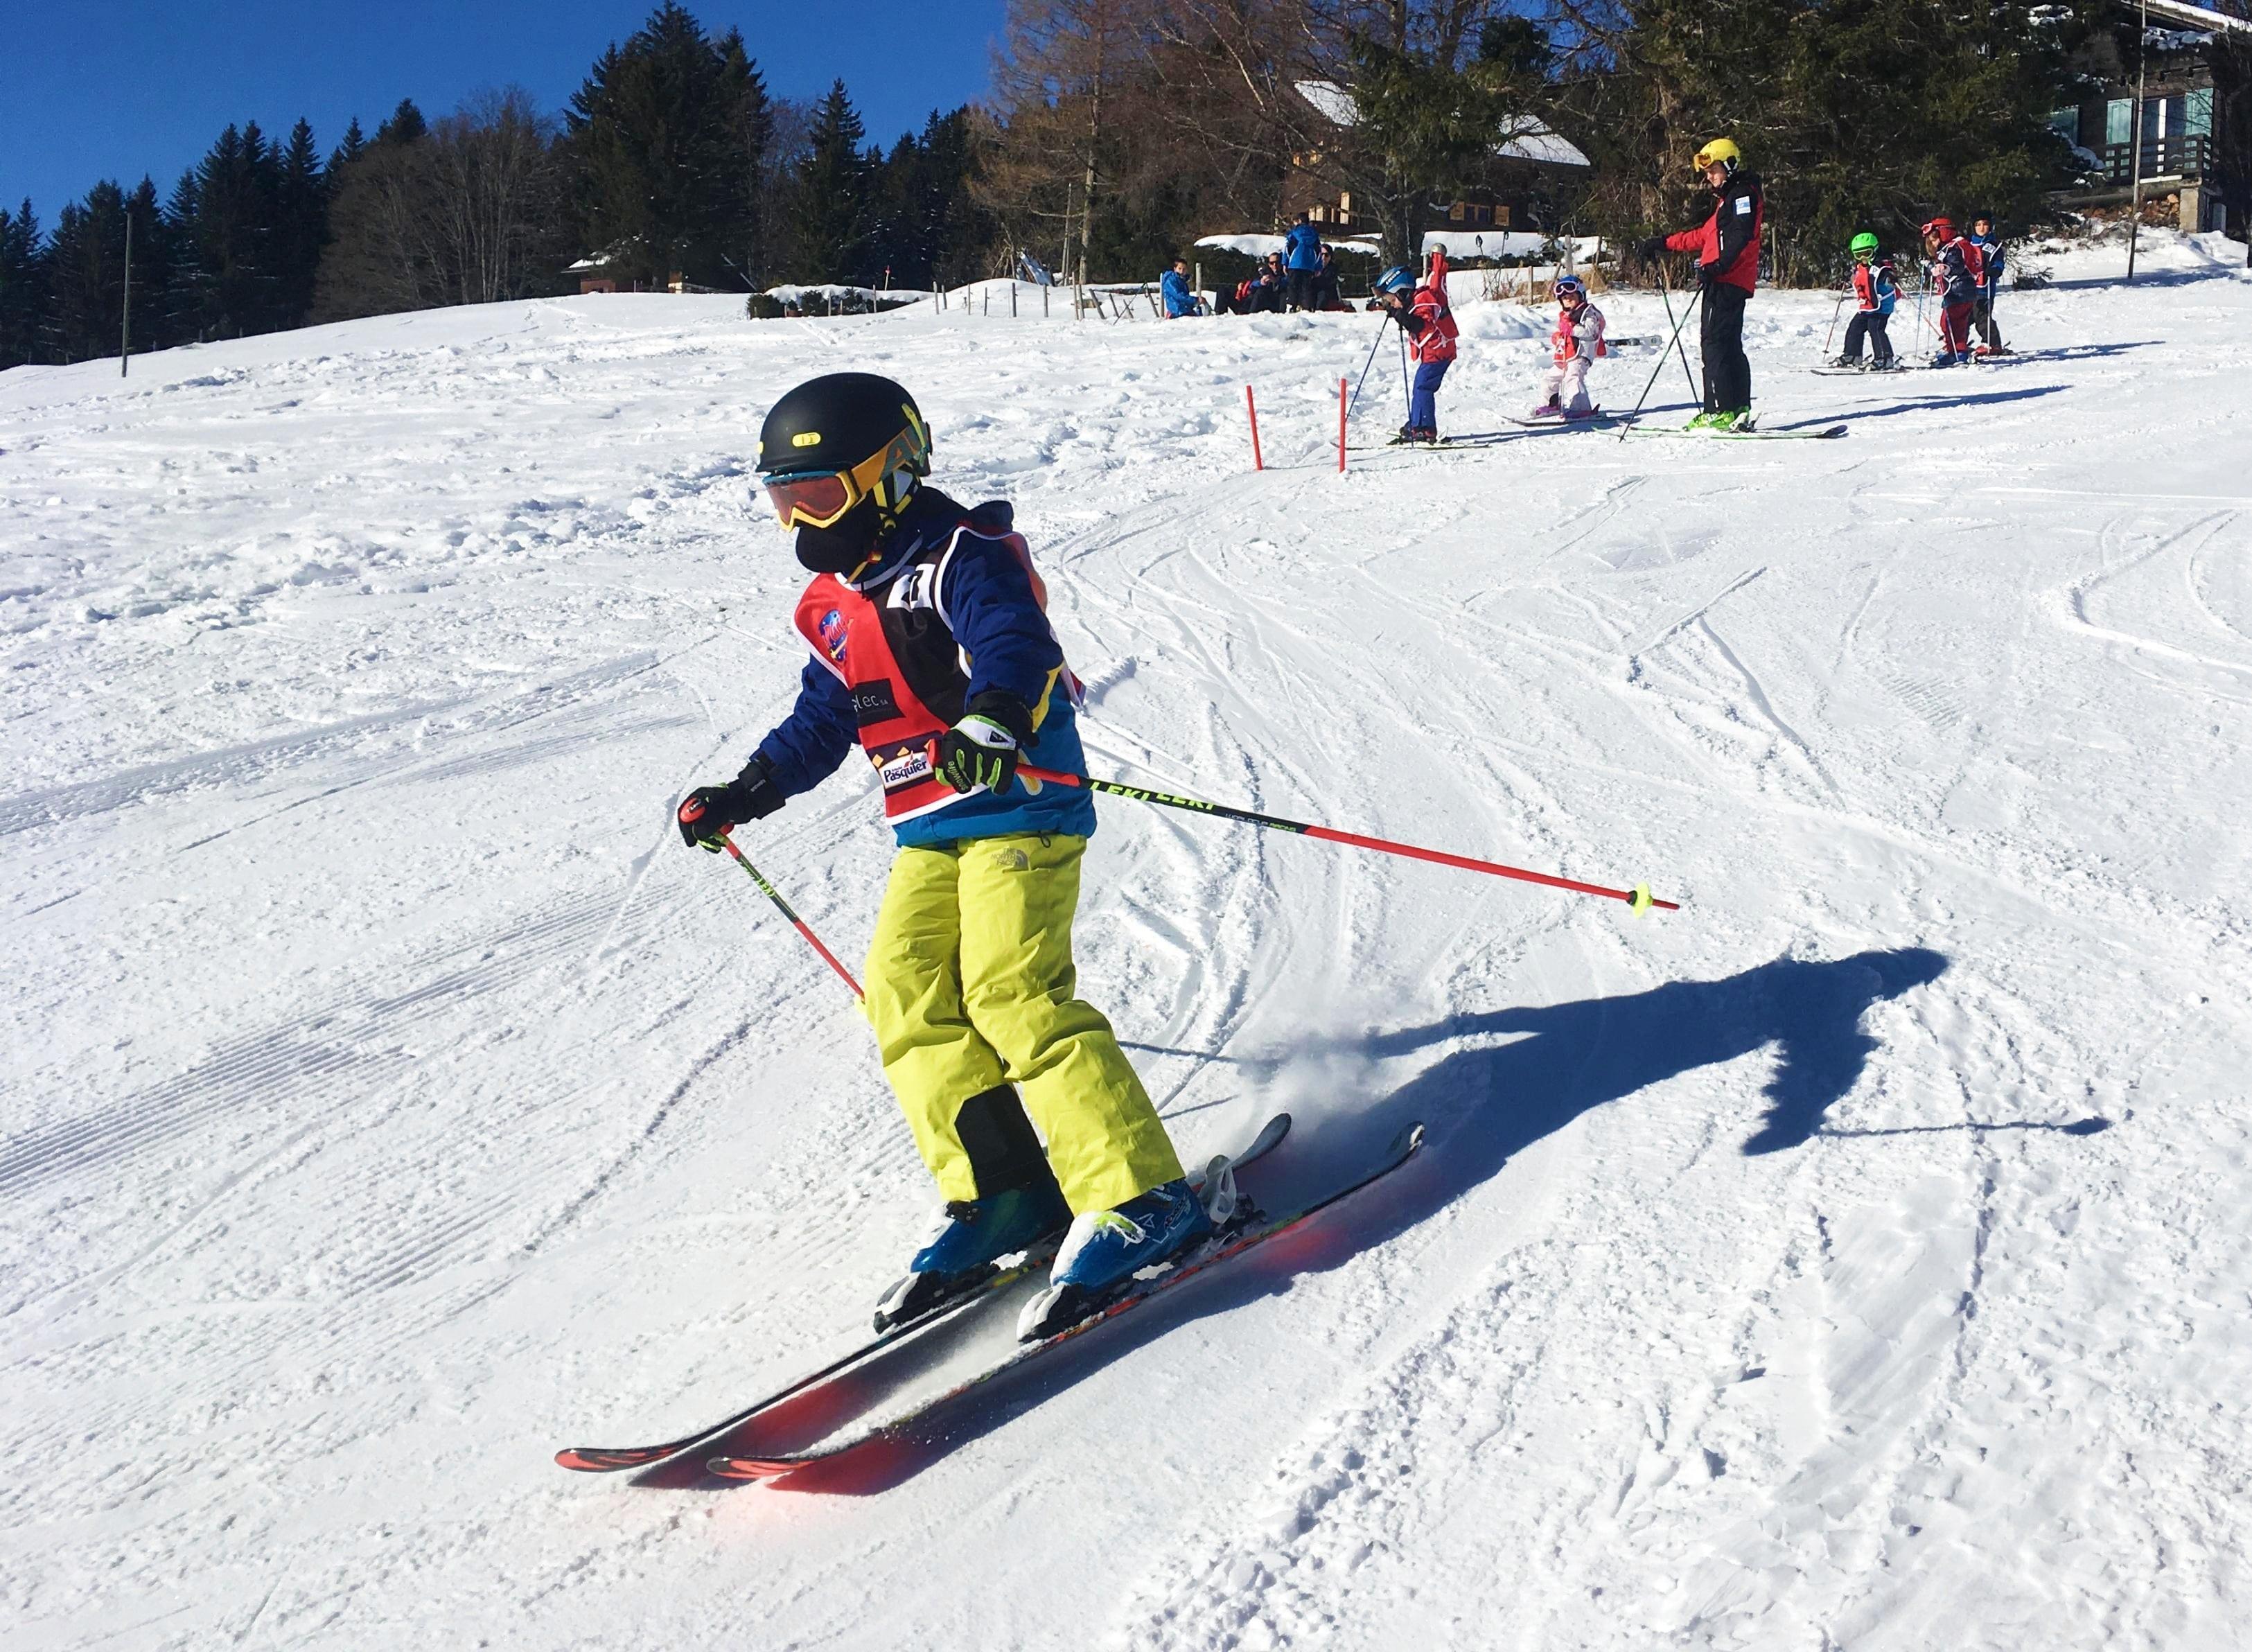 Cours de ski Enfants (6-17 ans) - Vacances